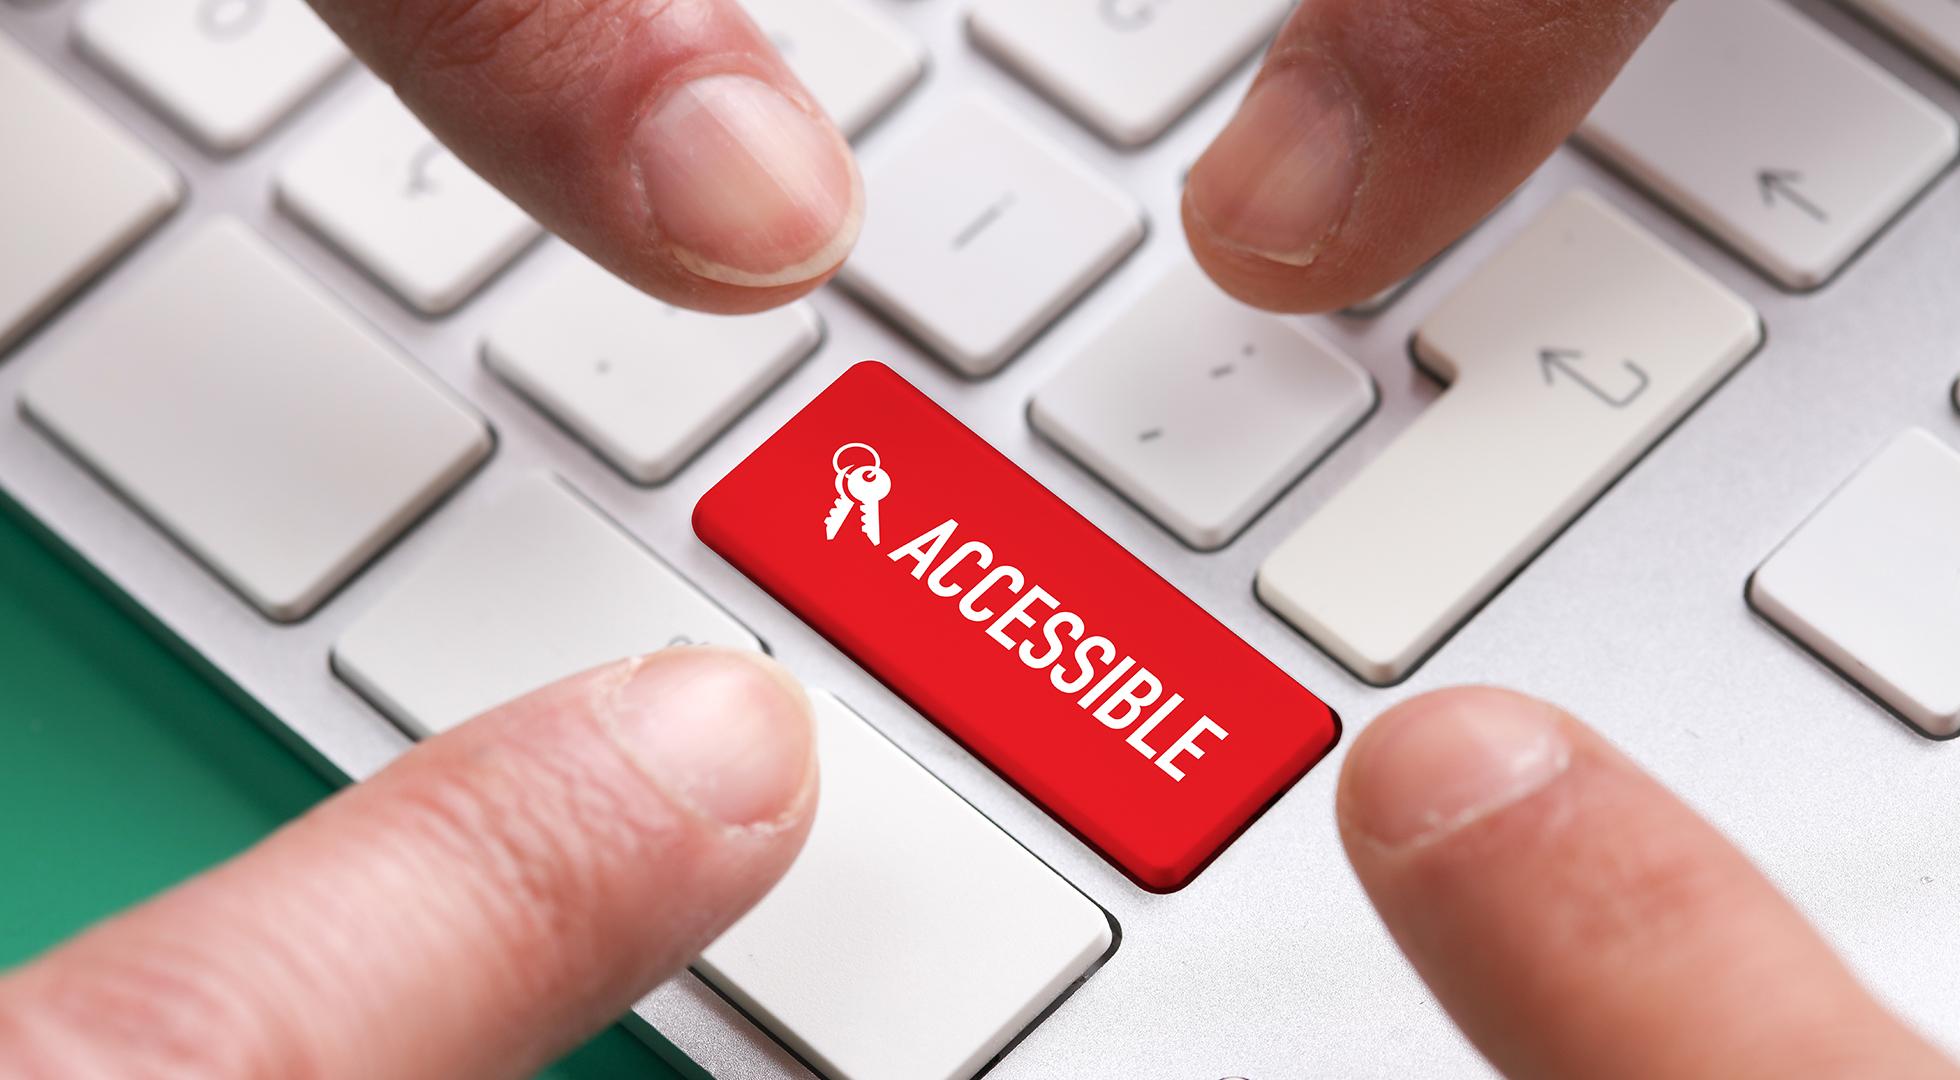 Dita che indicano un tasto rosso di una tastiera con la scritta accessible